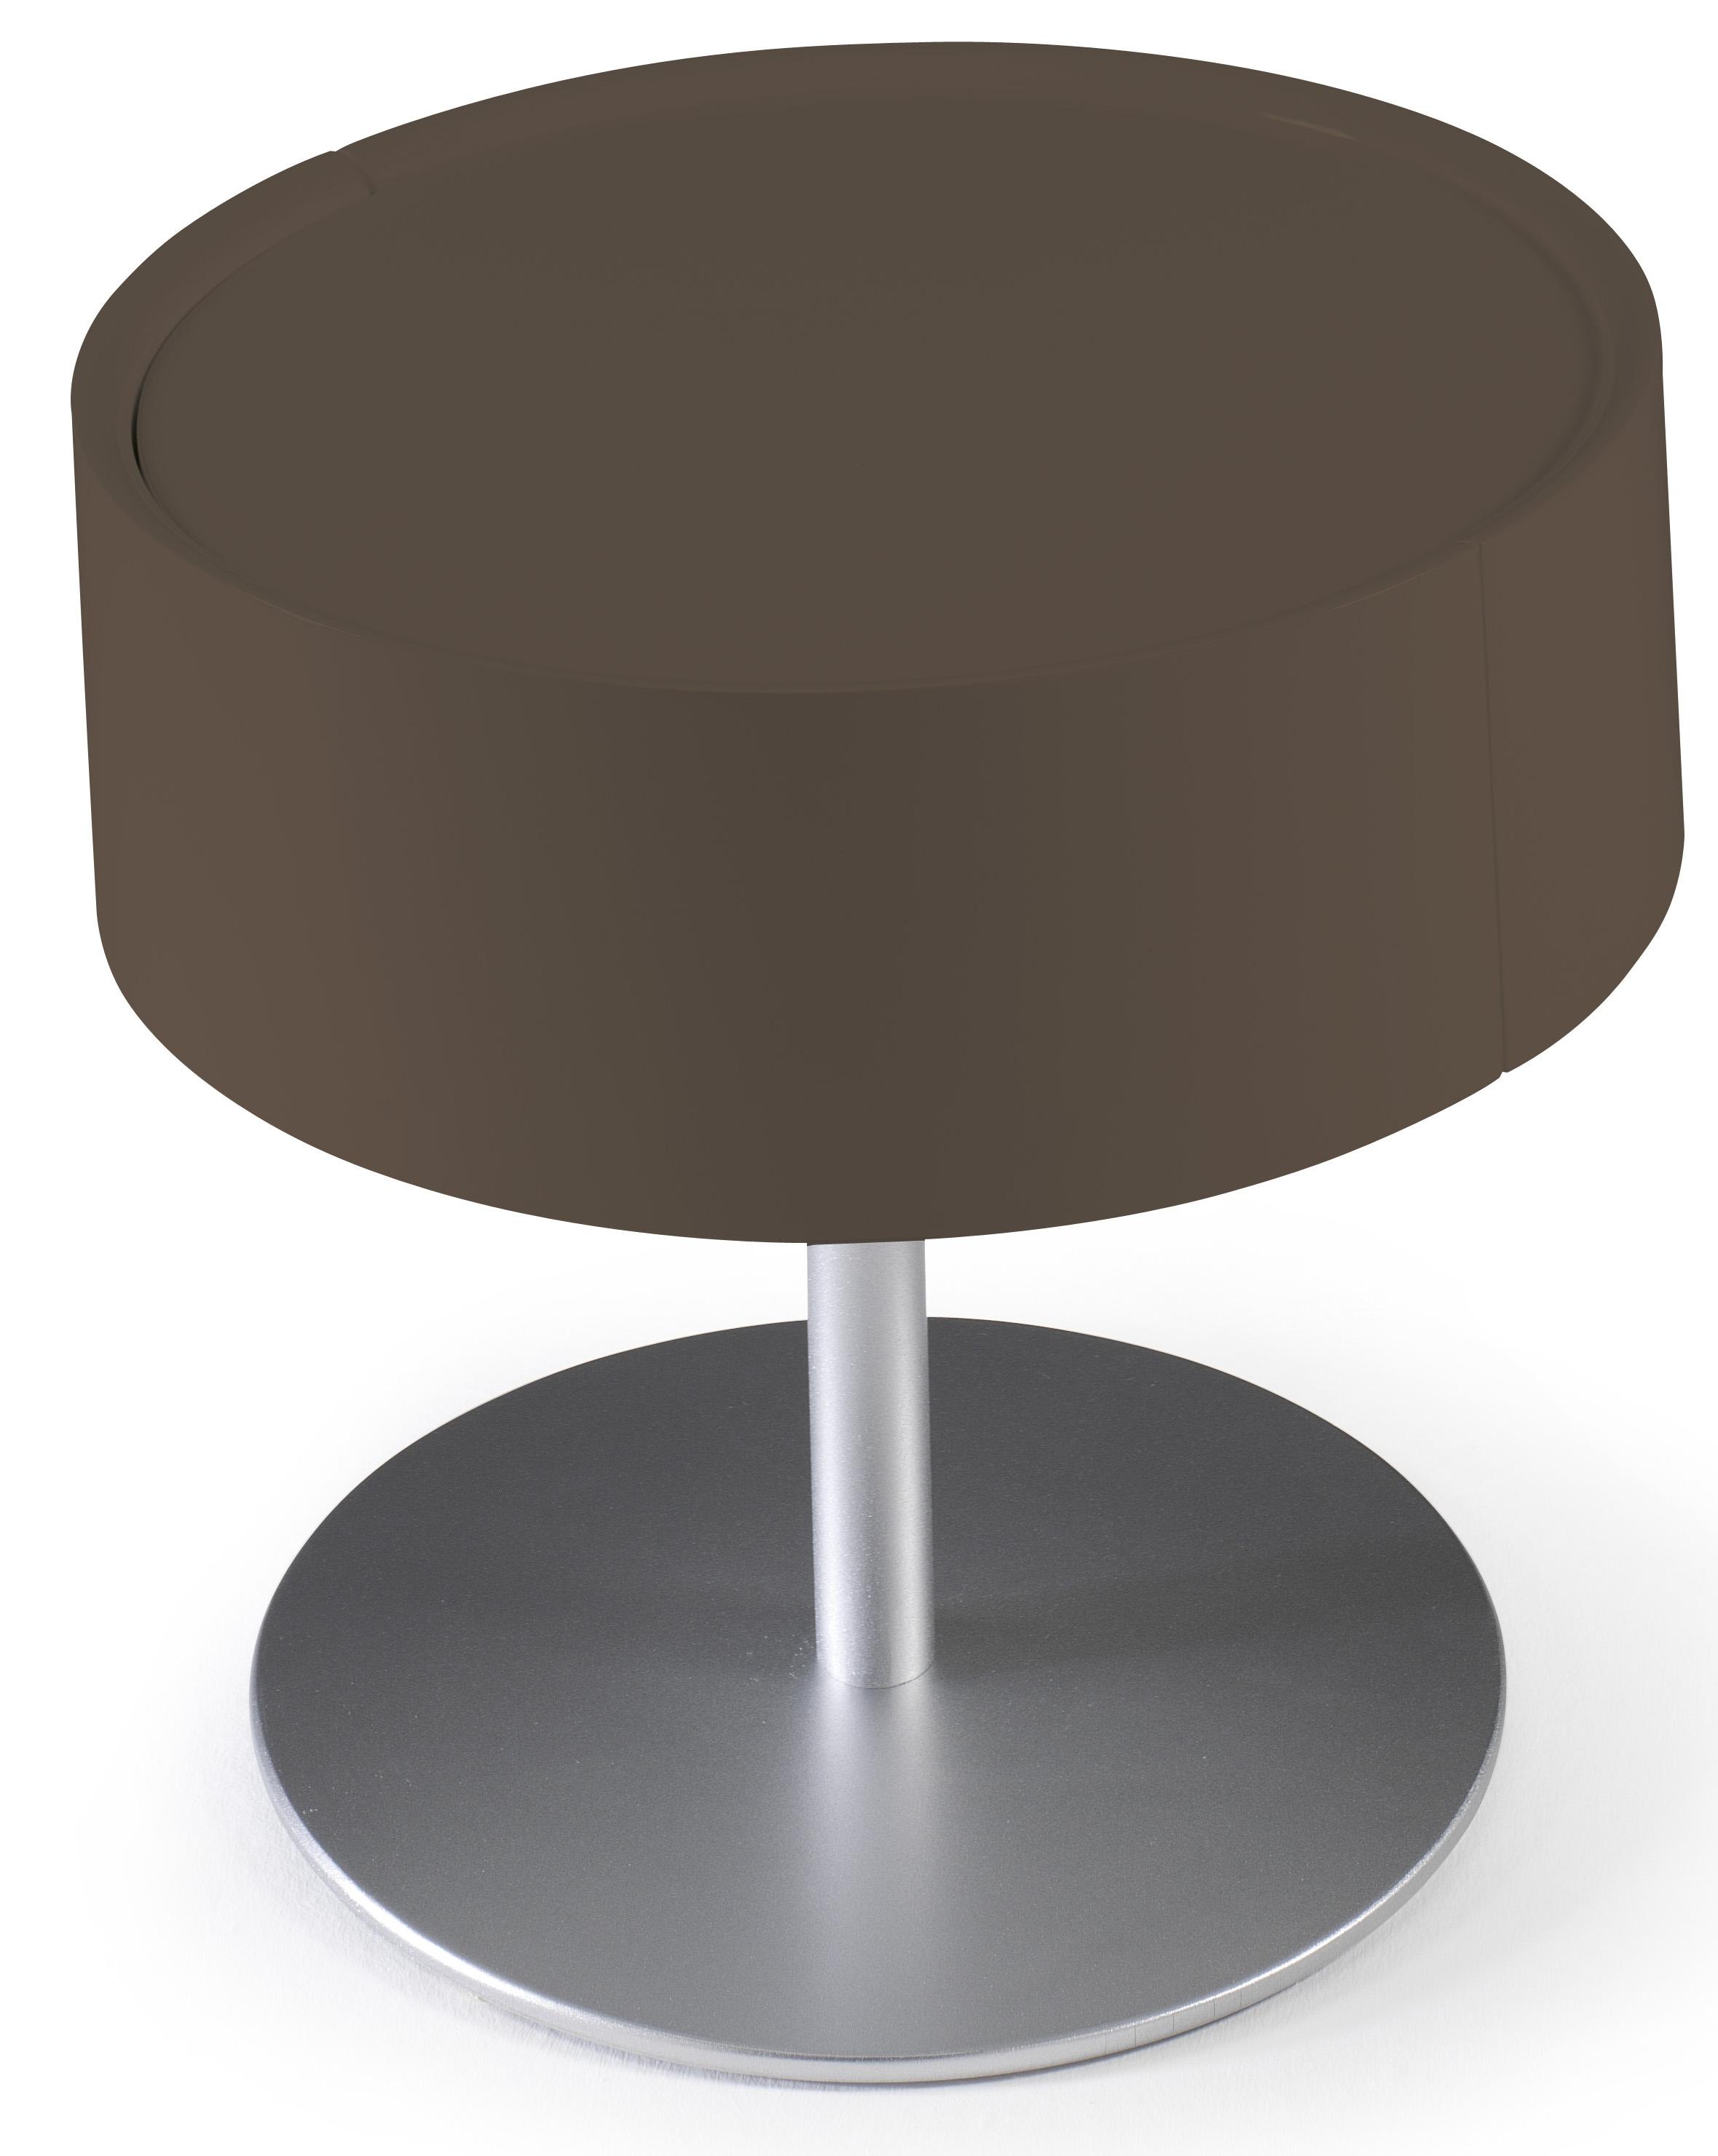 table de chevet design marron laqu torsada. Black Bedroom Furniture Sets. Home Design Ideas